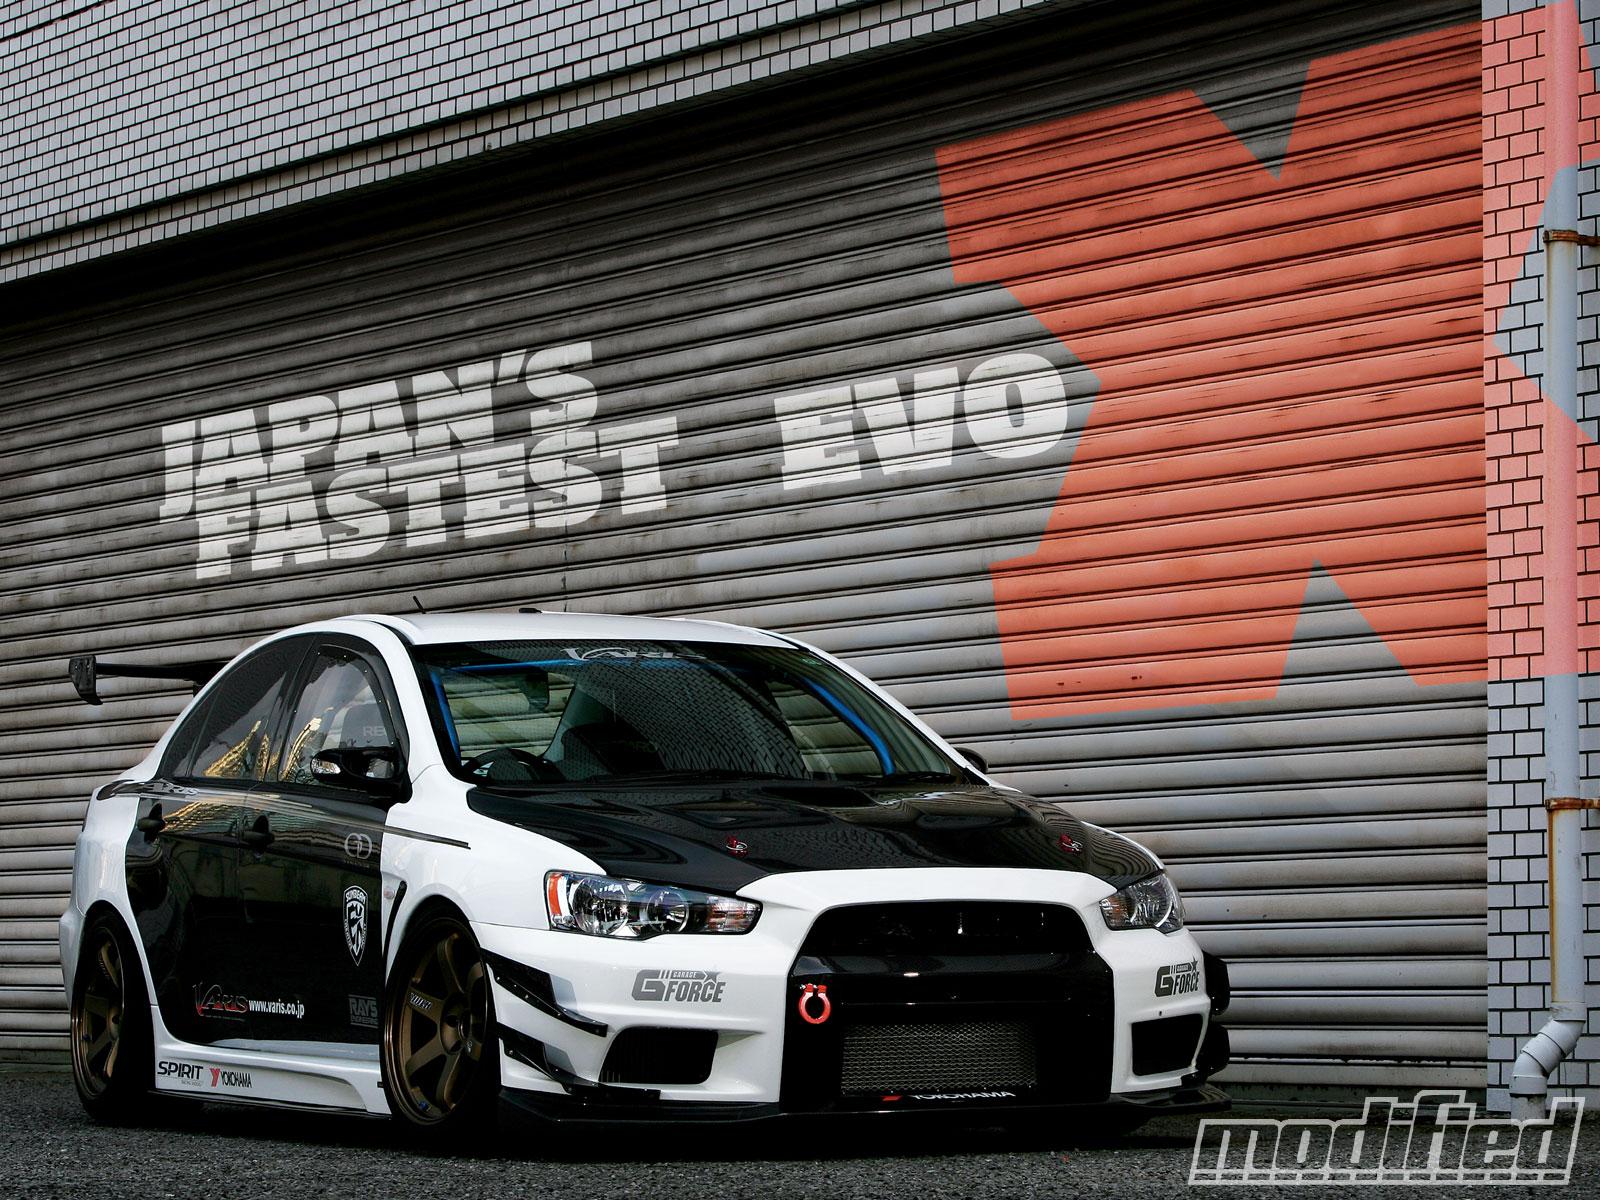 que este fondo de mitsubishi lancer evolution x podra ser ideal - Mitsubishi Lancer Evolution 2014 Wallpaper